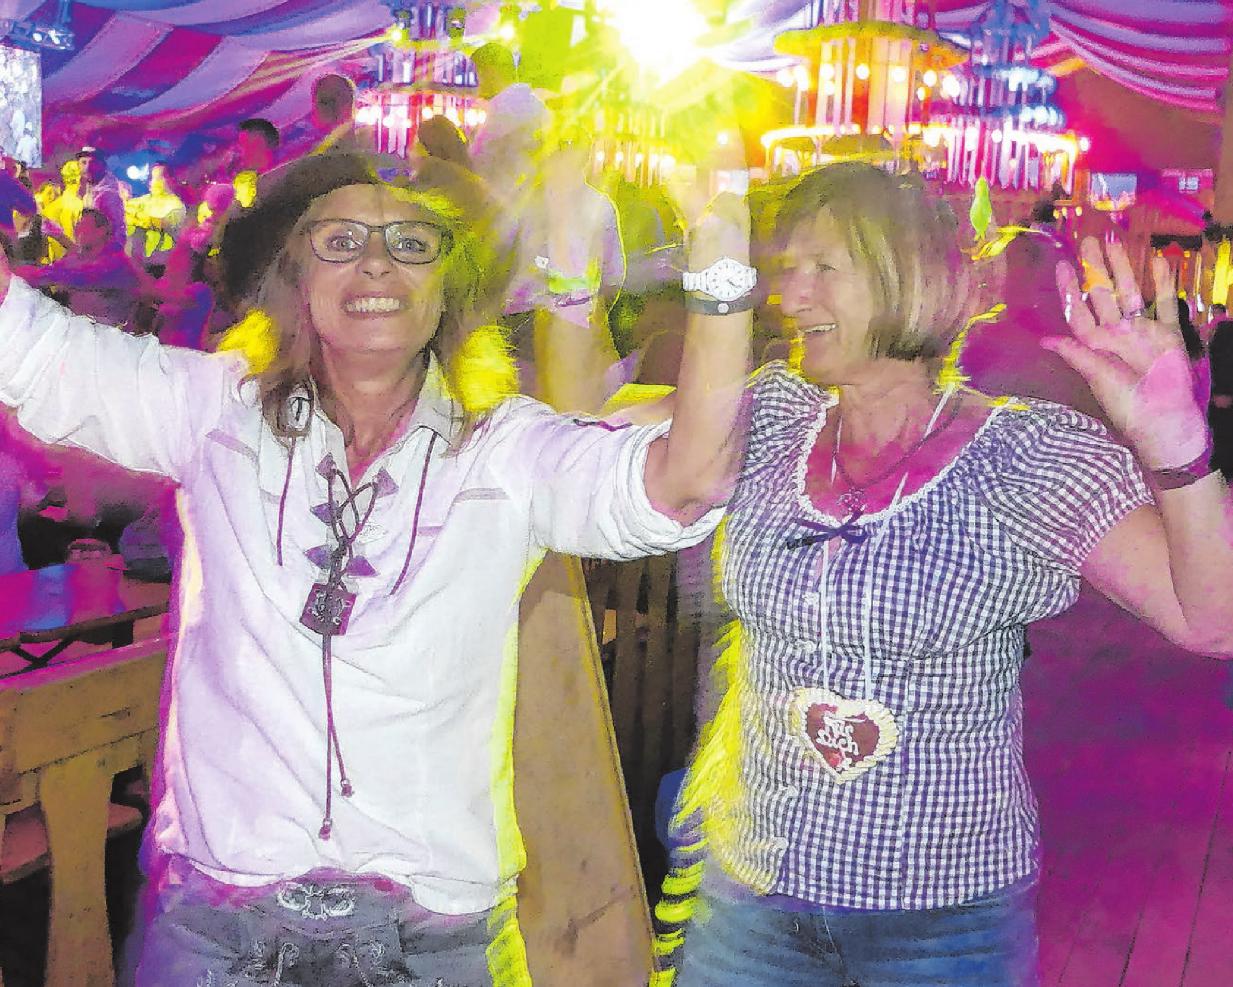 Ob in Lederhosen oder im Dirndl: Wer das Oktoberfest des TSV Stetten in Tracht besucht, bekommt einen Begrüßungsschnaps gratis. Archivfotos